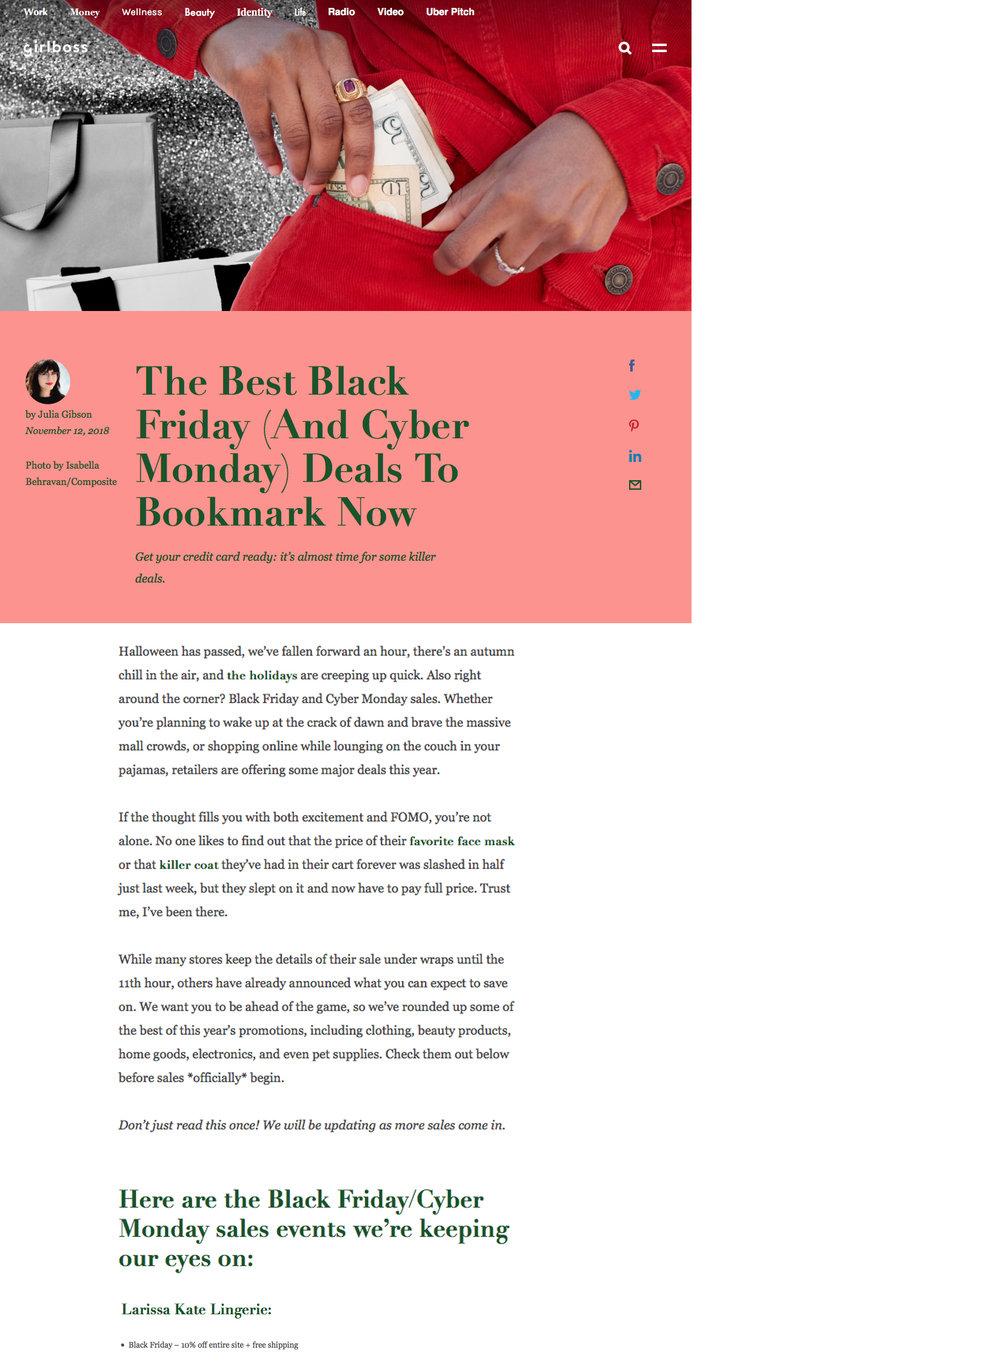 https://www.girlboss.com/money/black-friday-bookmarks-2018